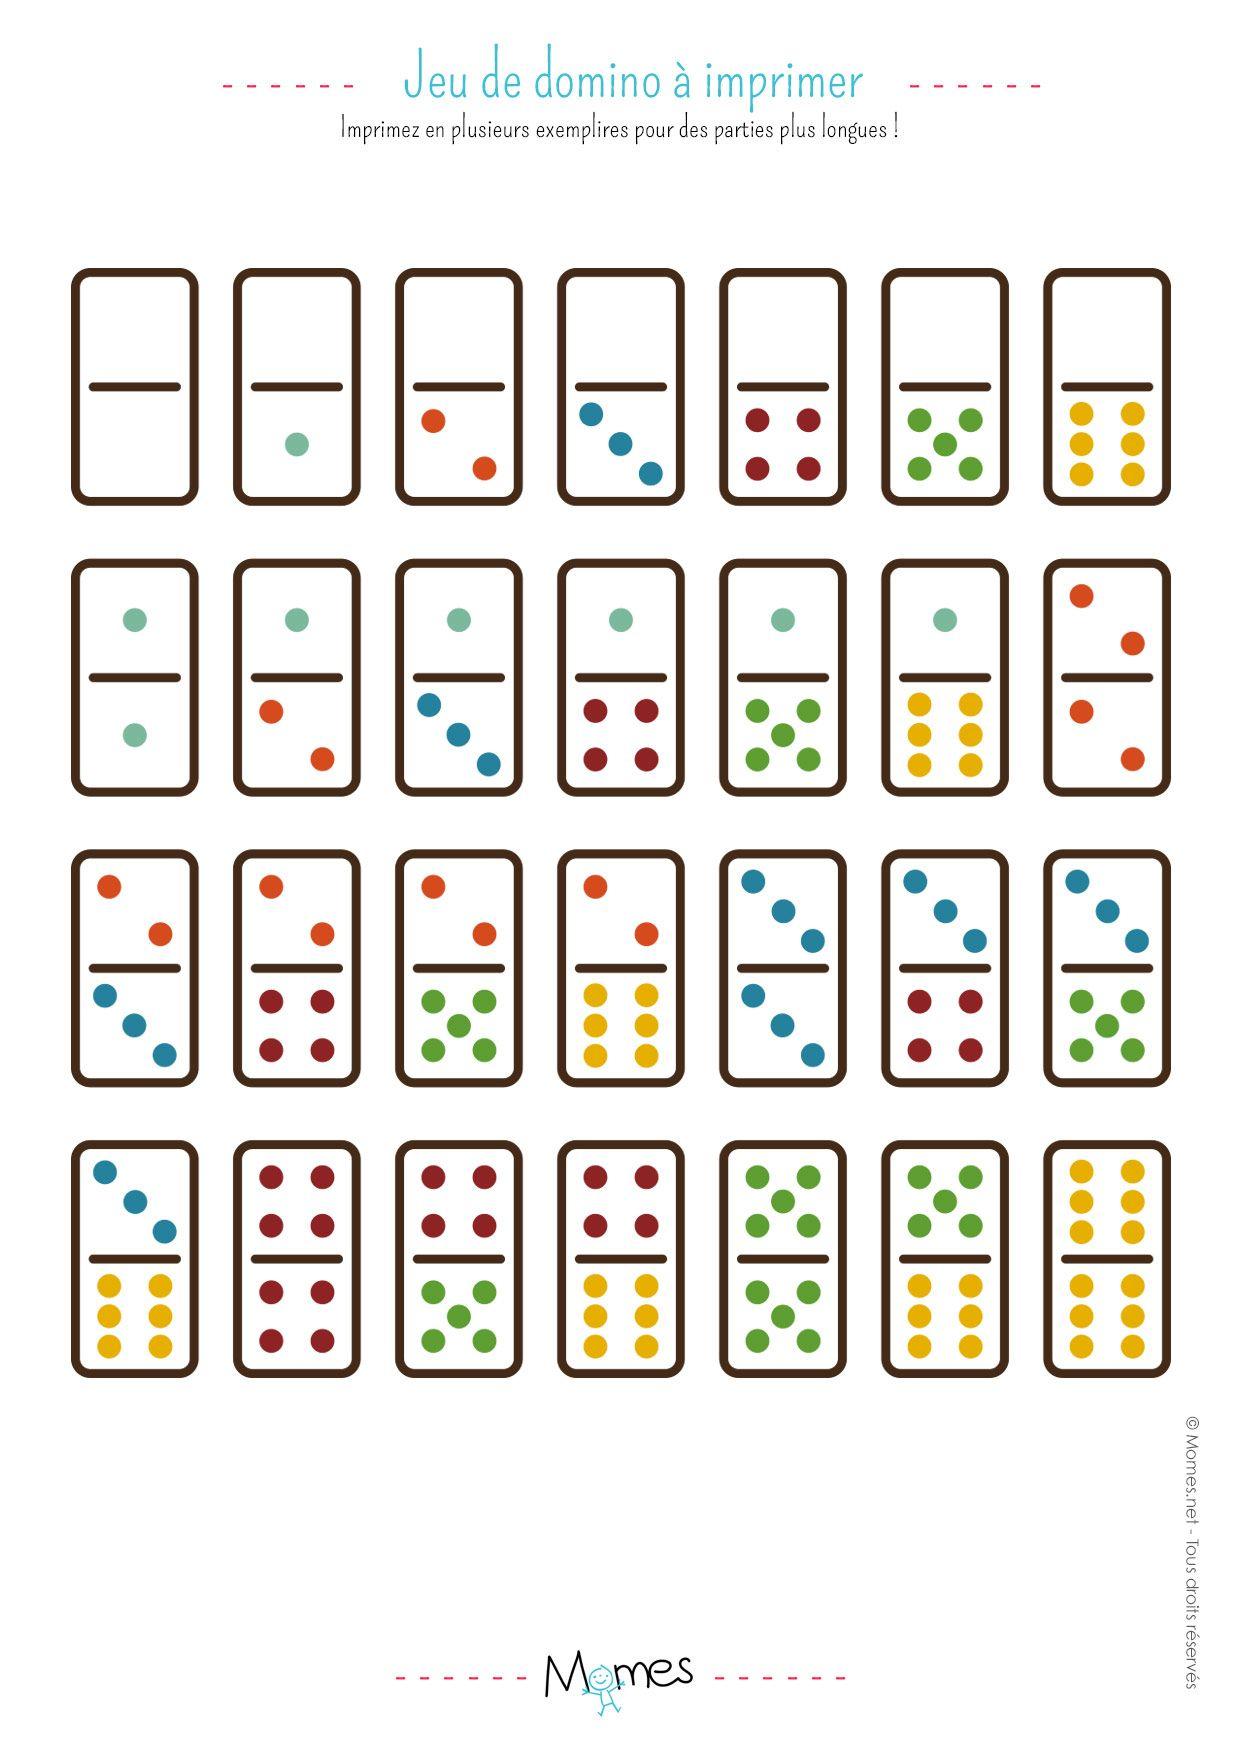 Jeu de Dominos à imprimer | Jeux a imprimer, Jeux et Jeu du loto